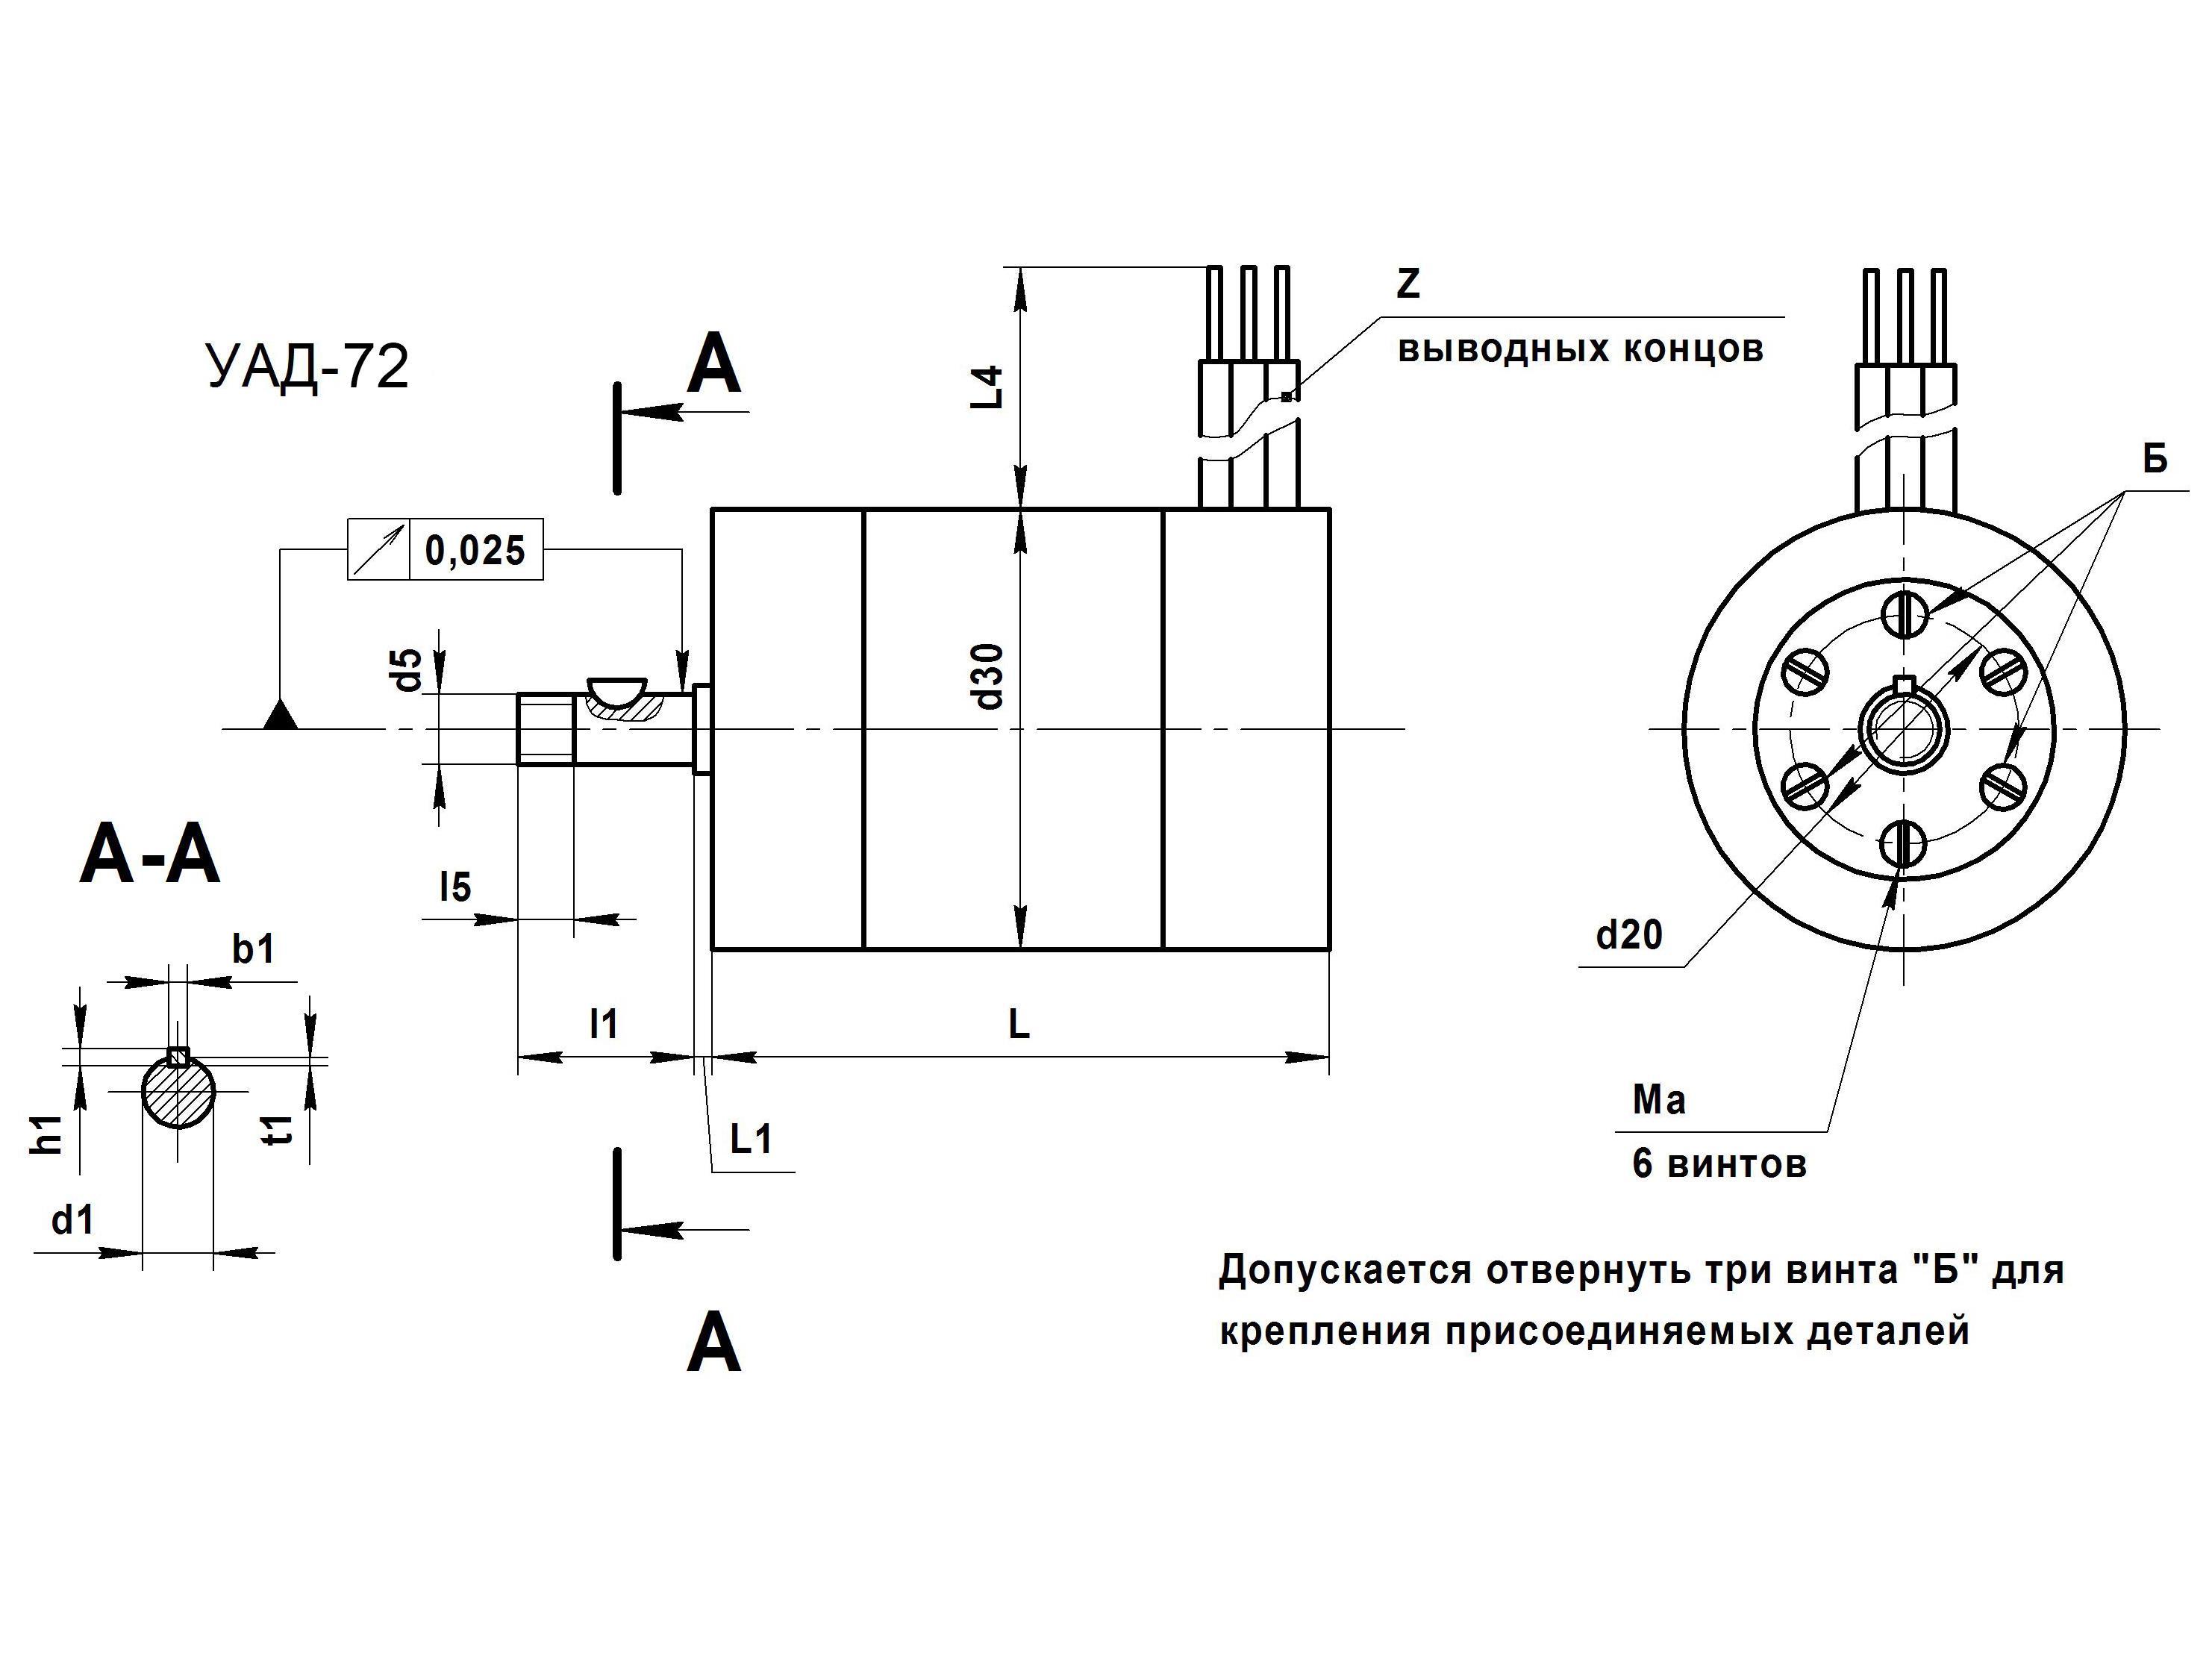 кипор кде19ста3 схема двигателя дайхатсу км-376